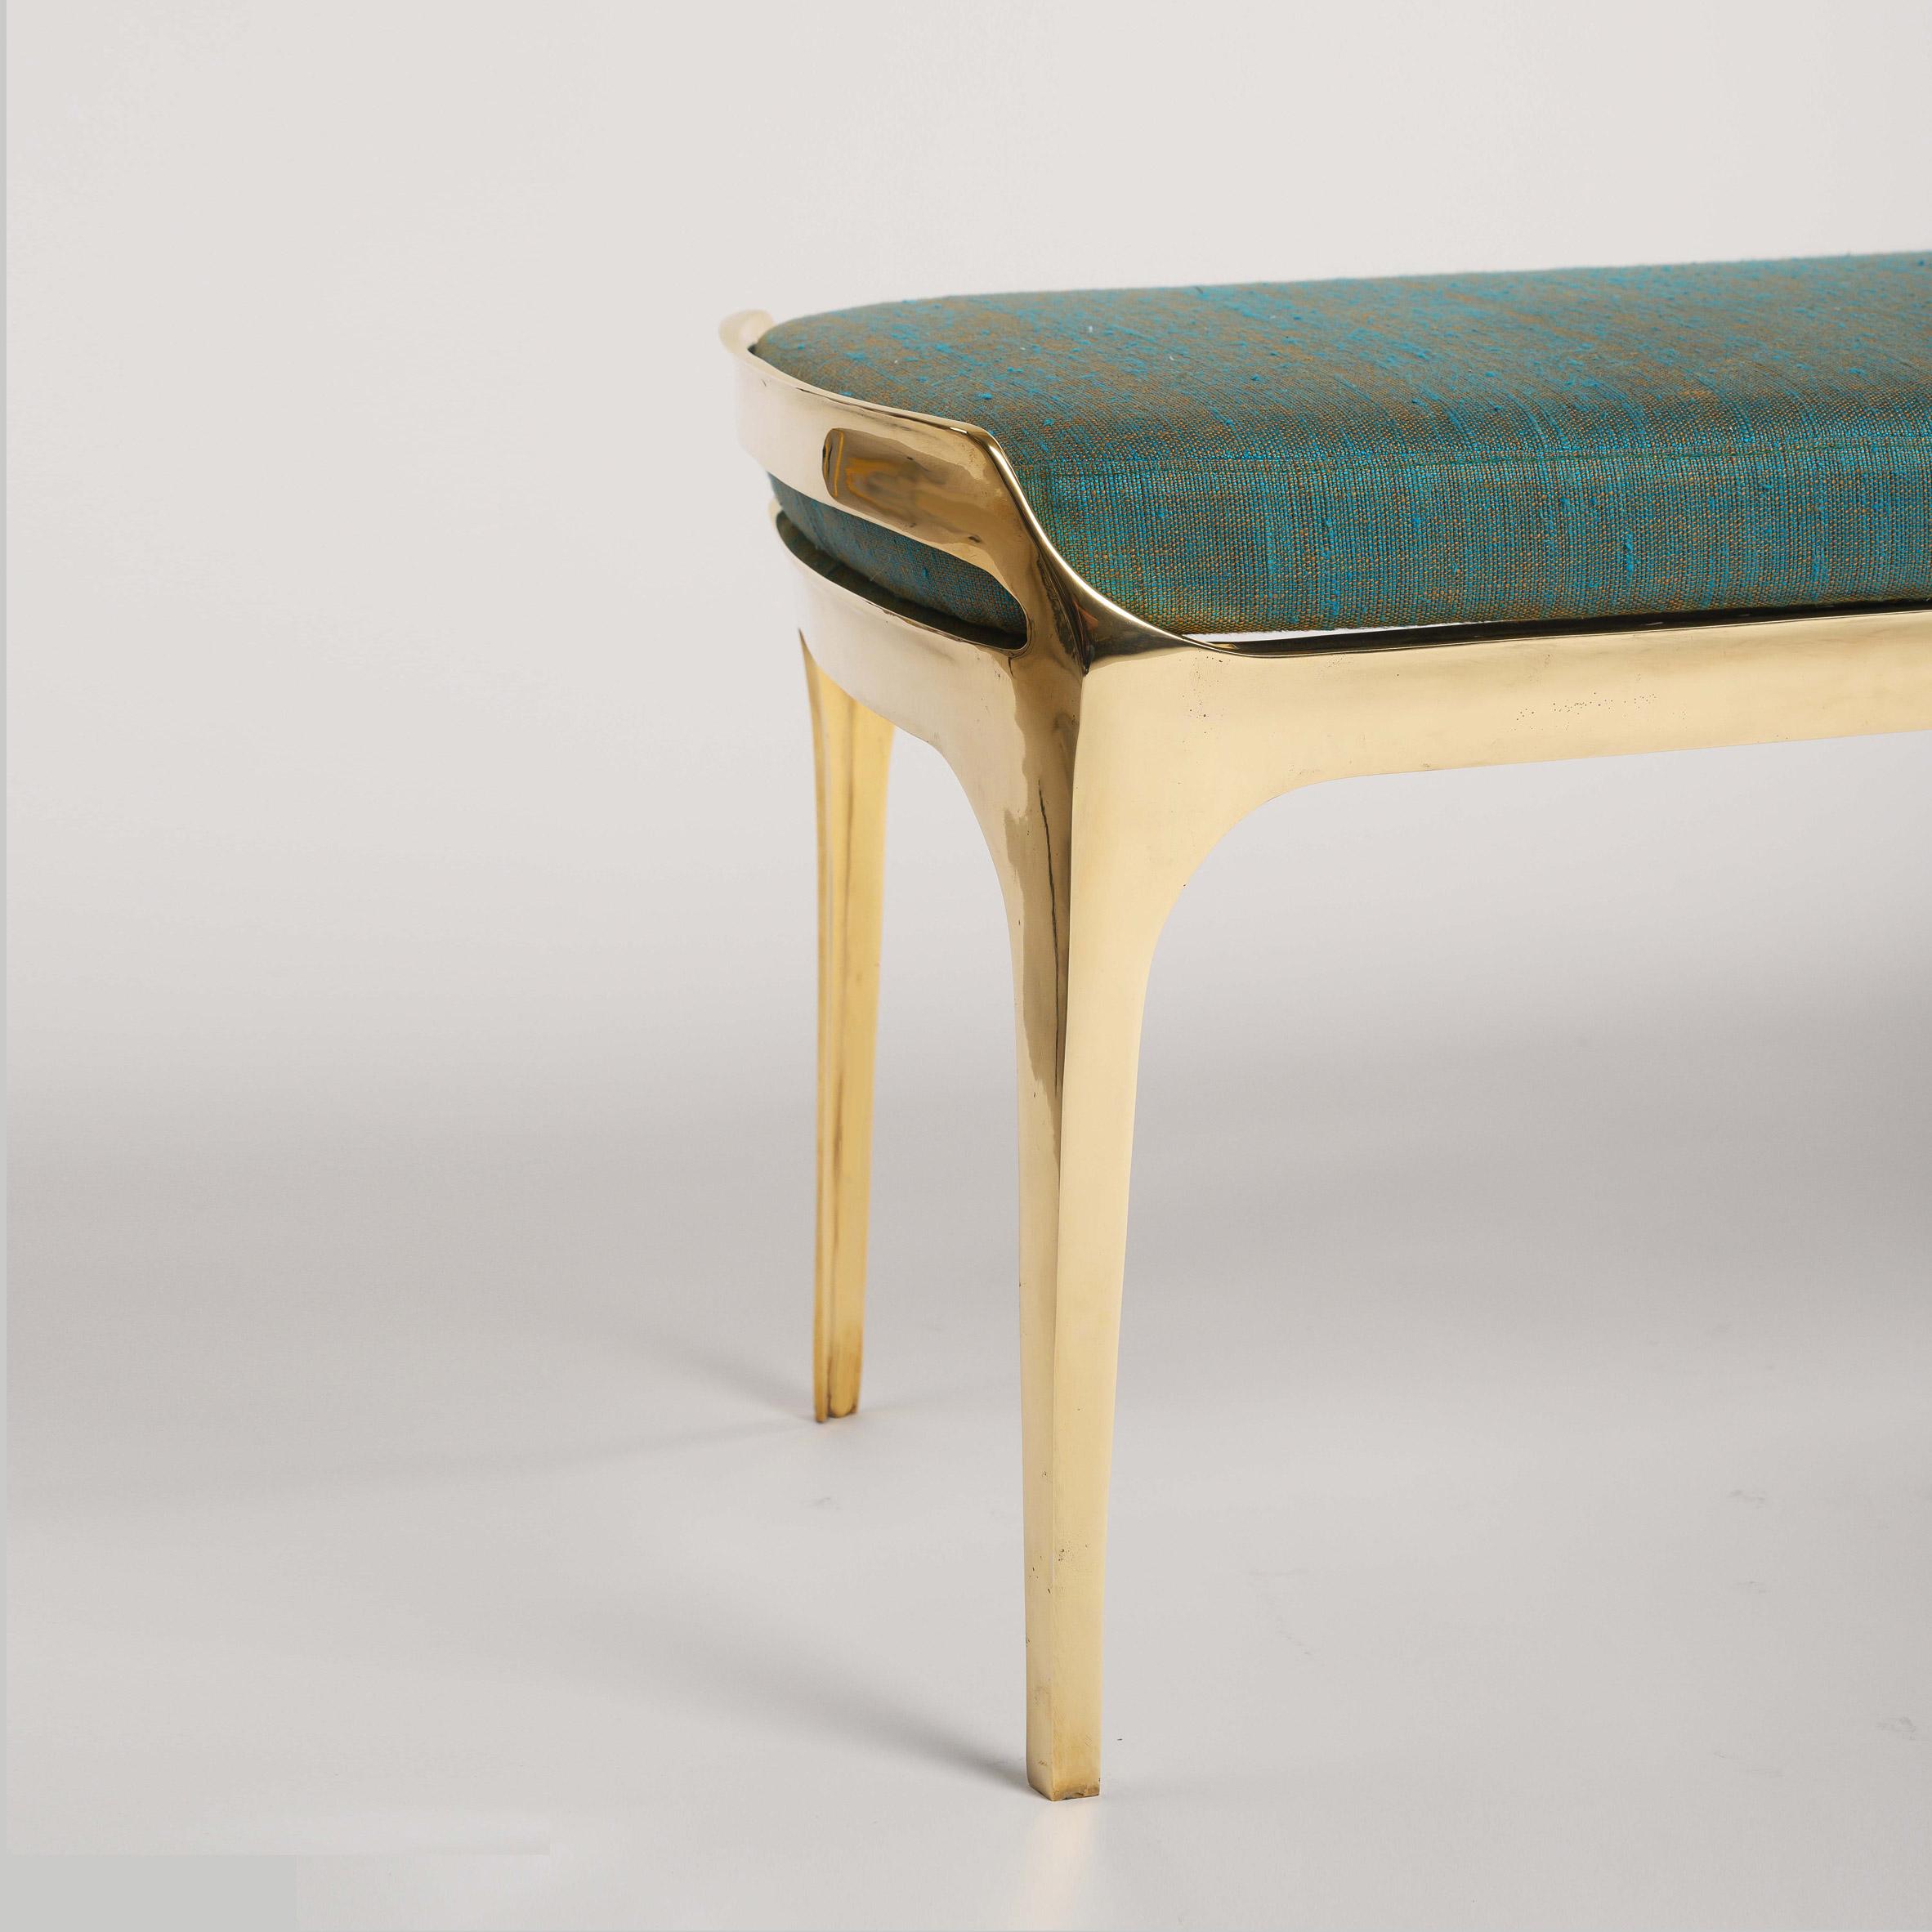 Bruda bench by Elan Atelier